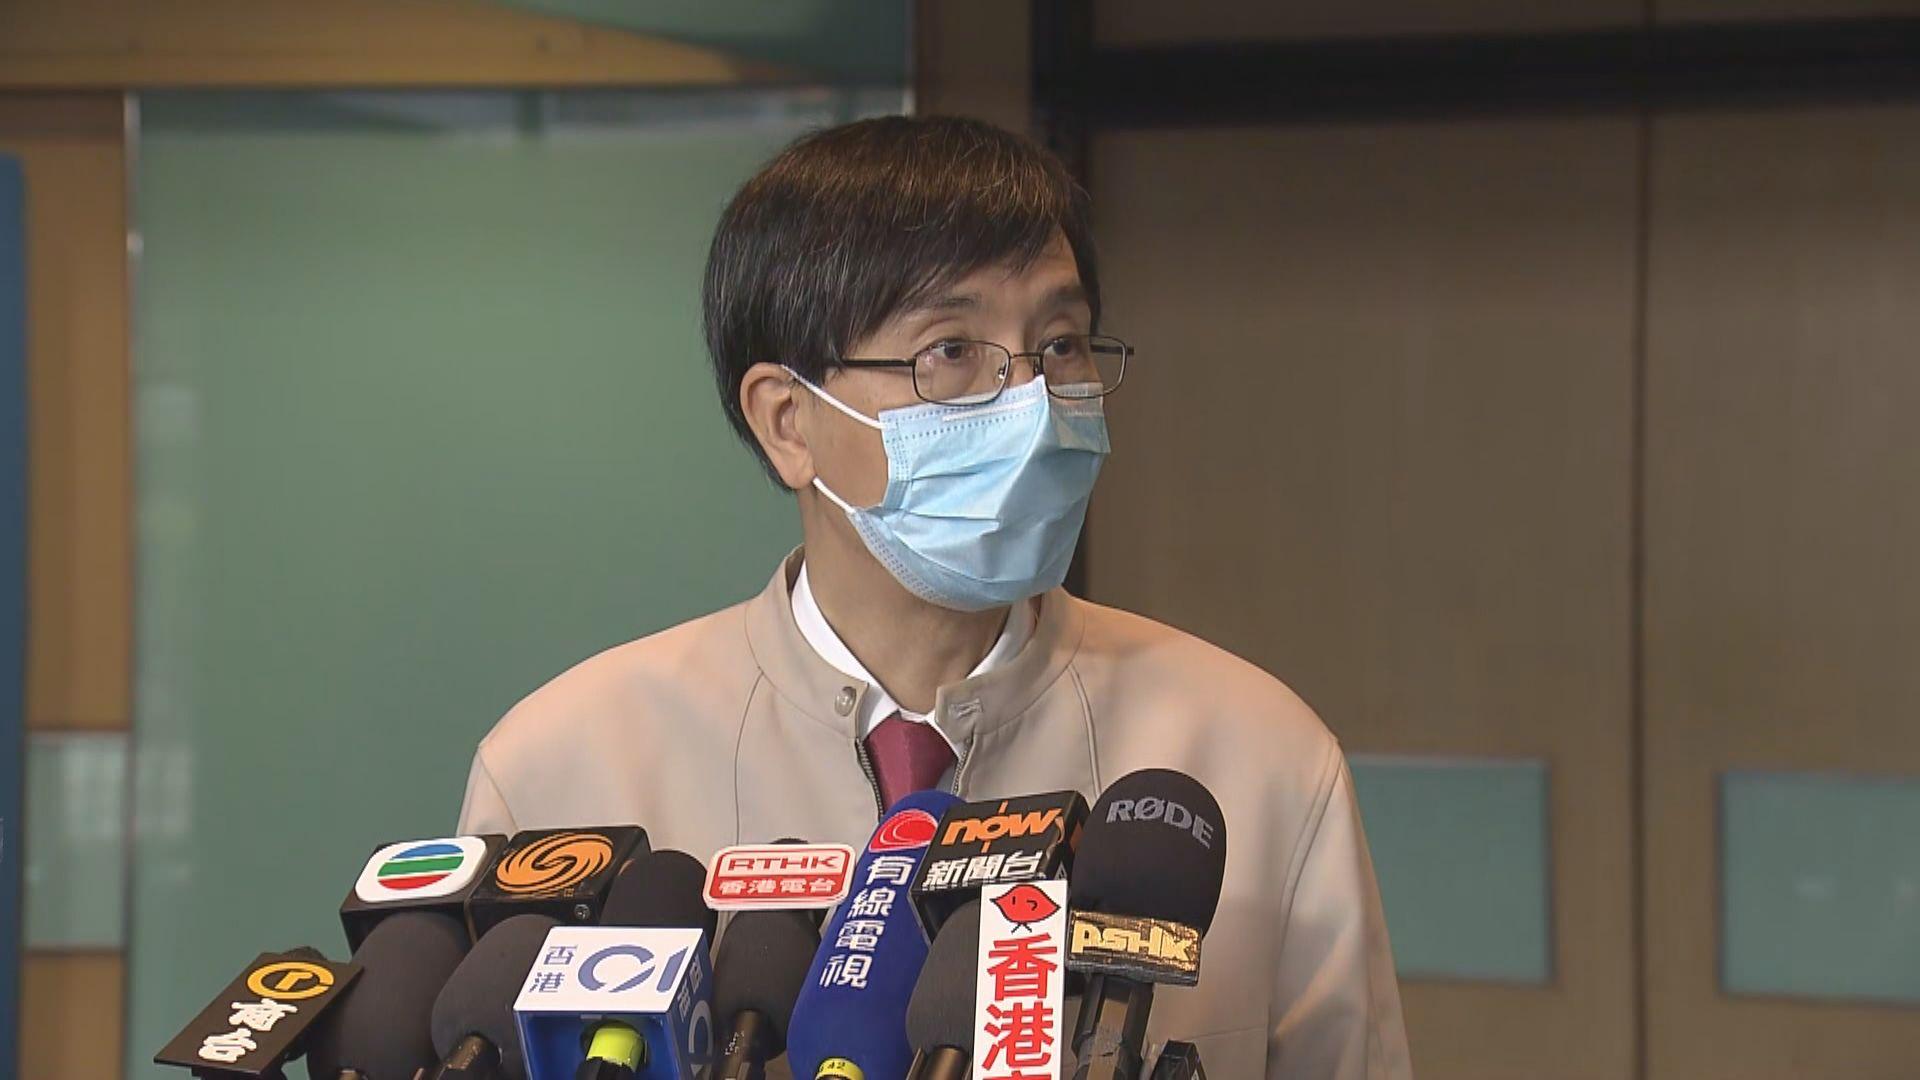 袁國勇:需做好感染控制後才考慮幼稚園復課